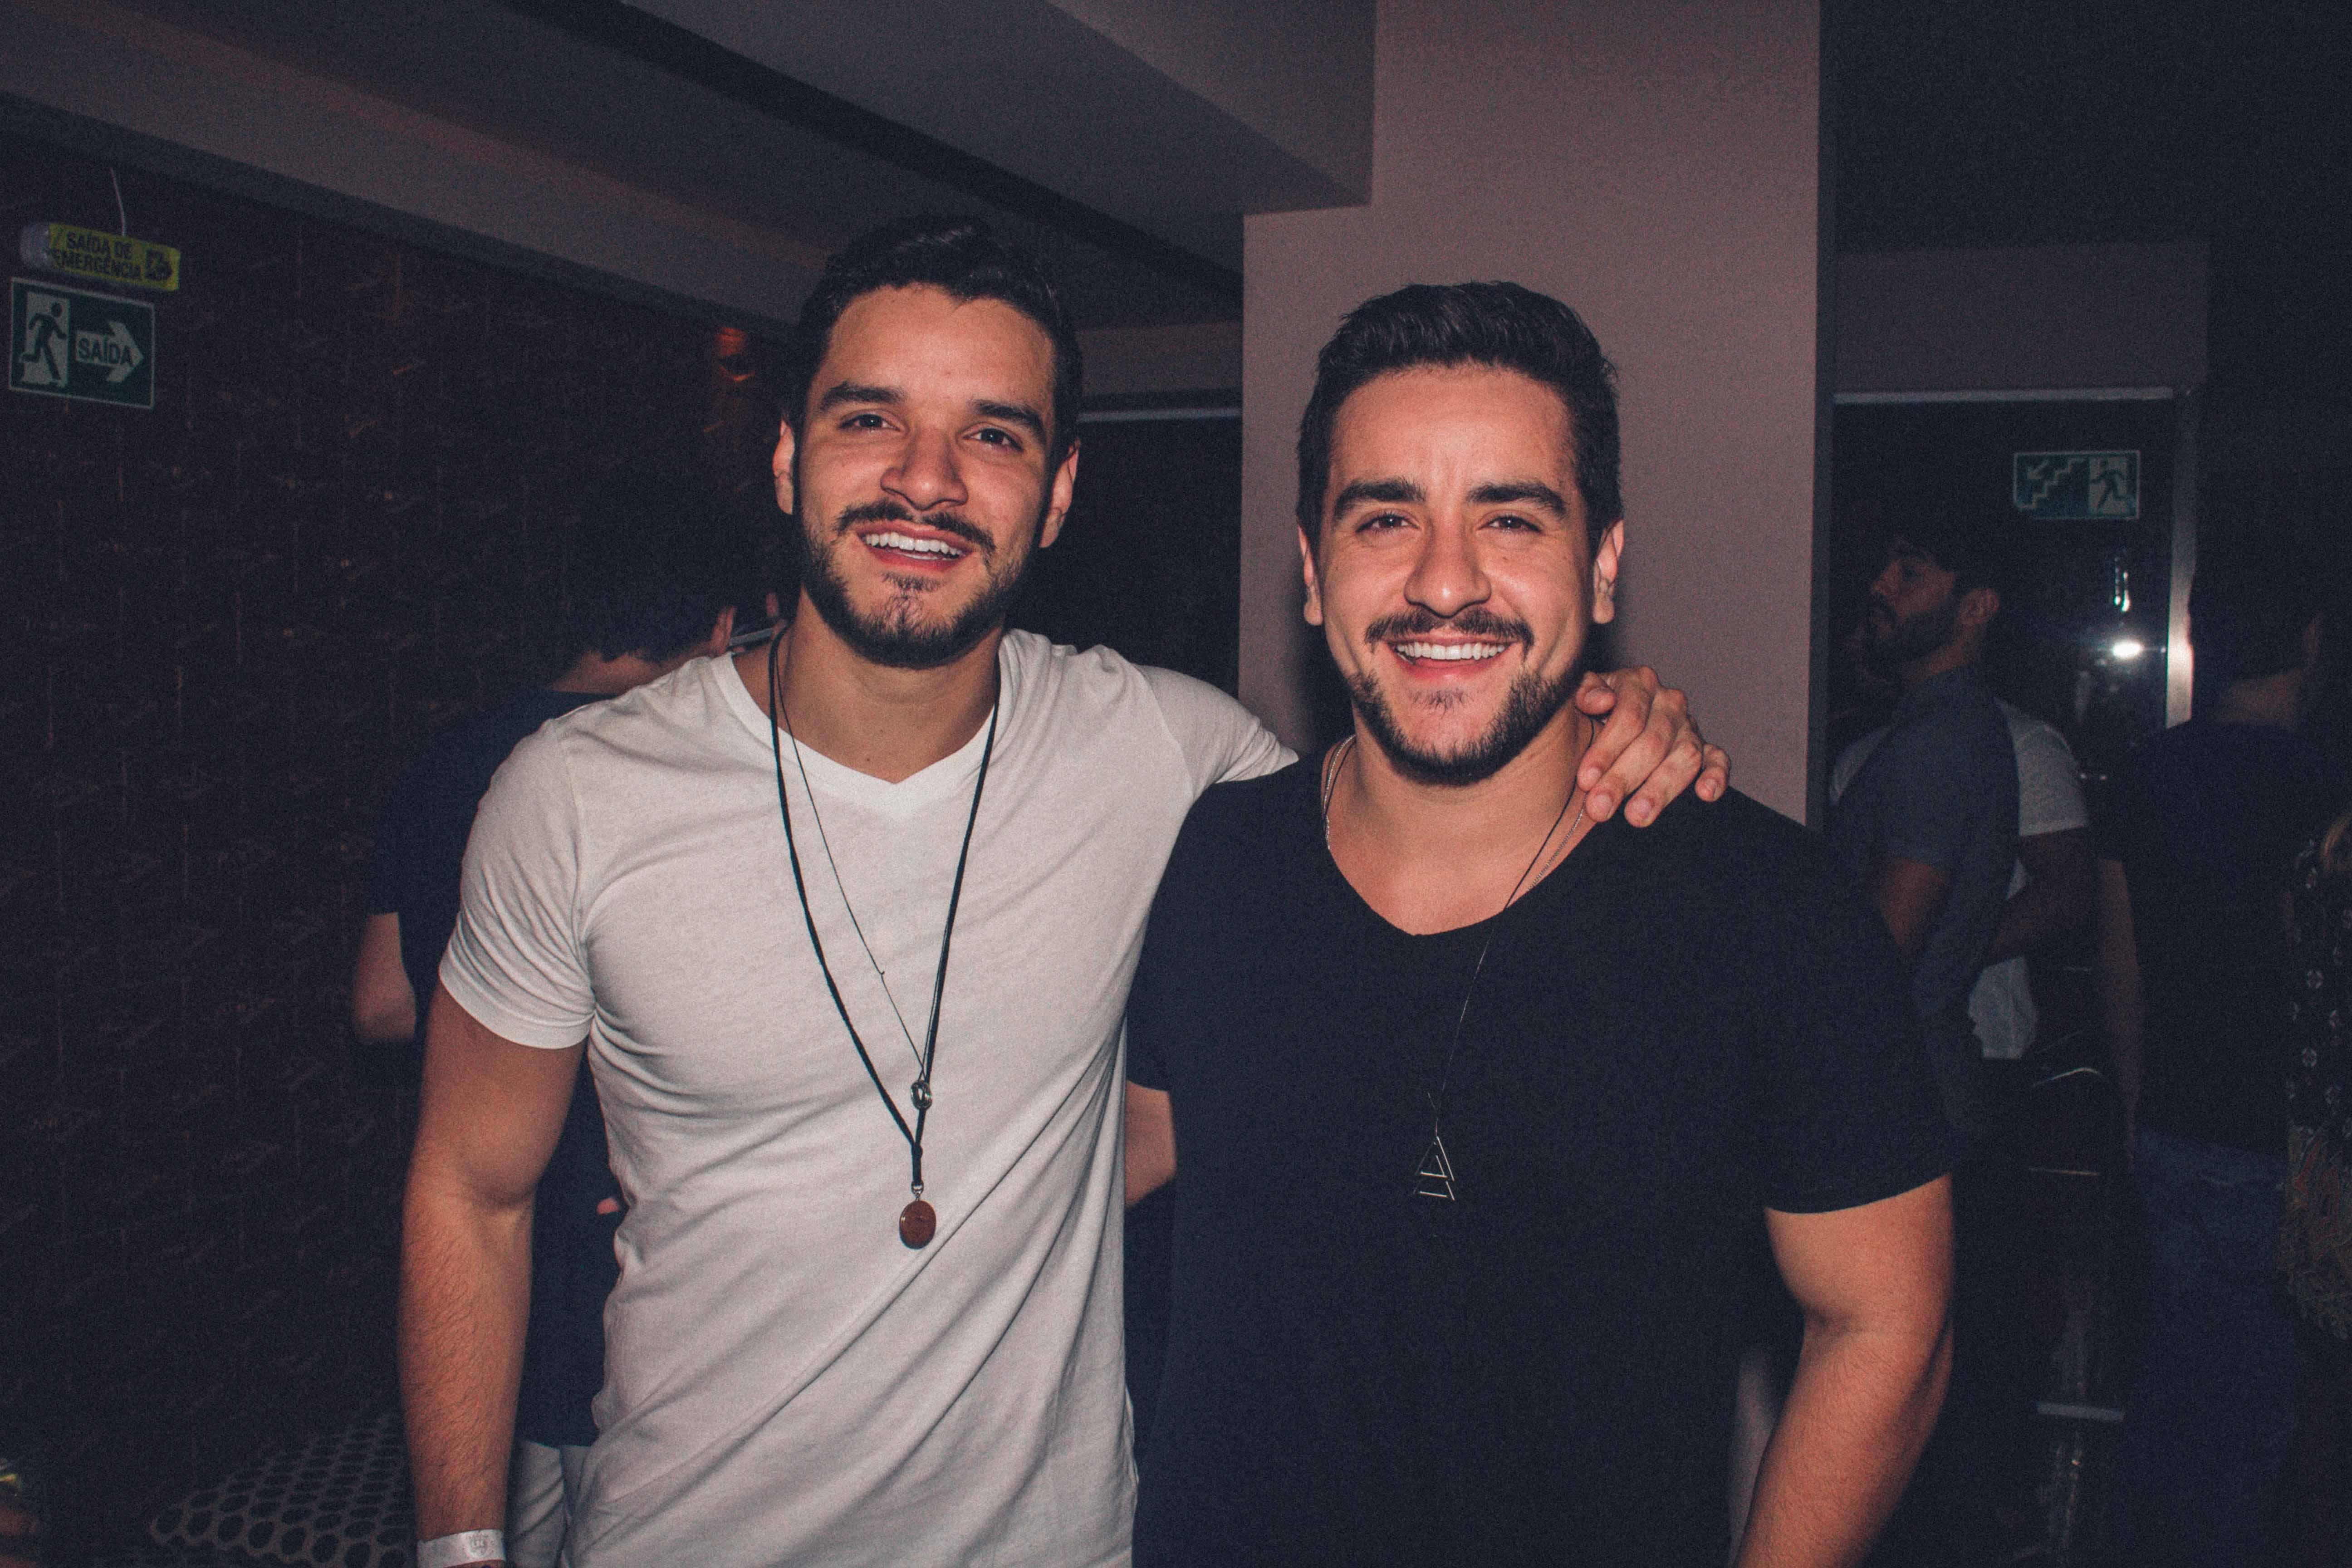 Thiago e Valmir Wanderley - Crédito: André Valença/Divulgação